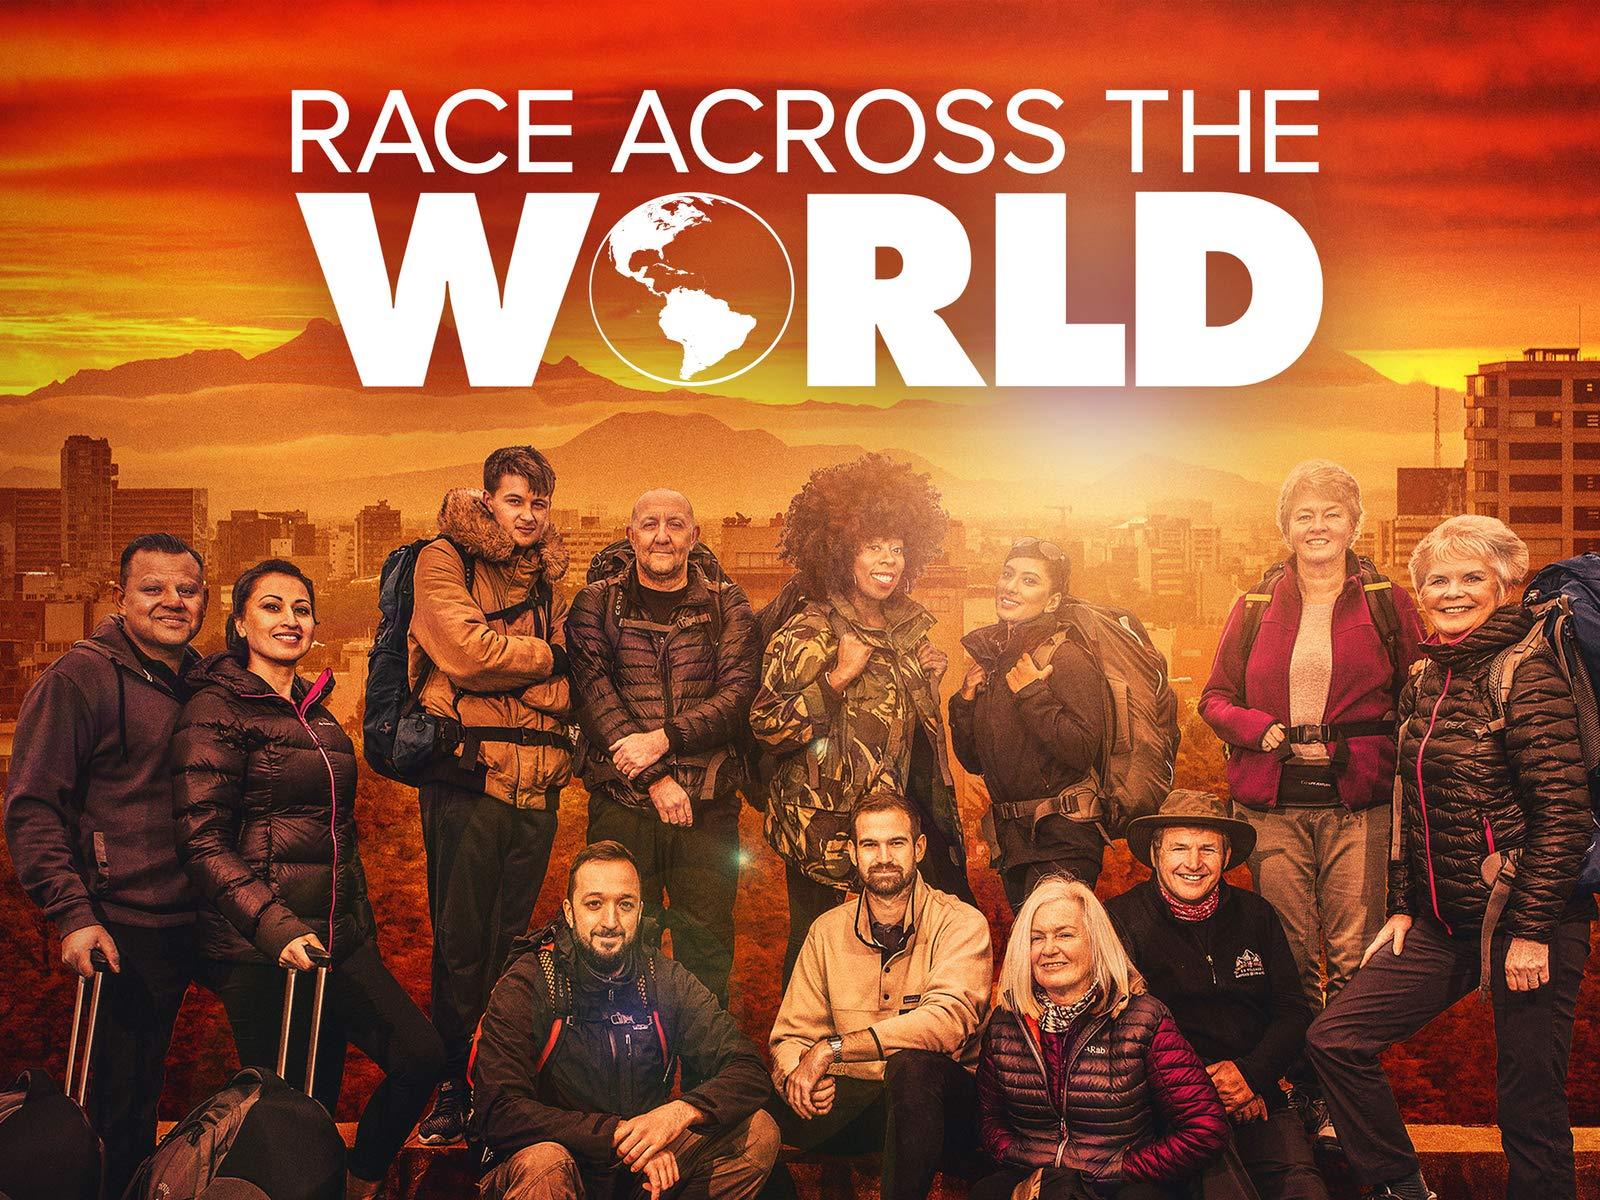 مسابقه در سراسر دنیا (مستند)